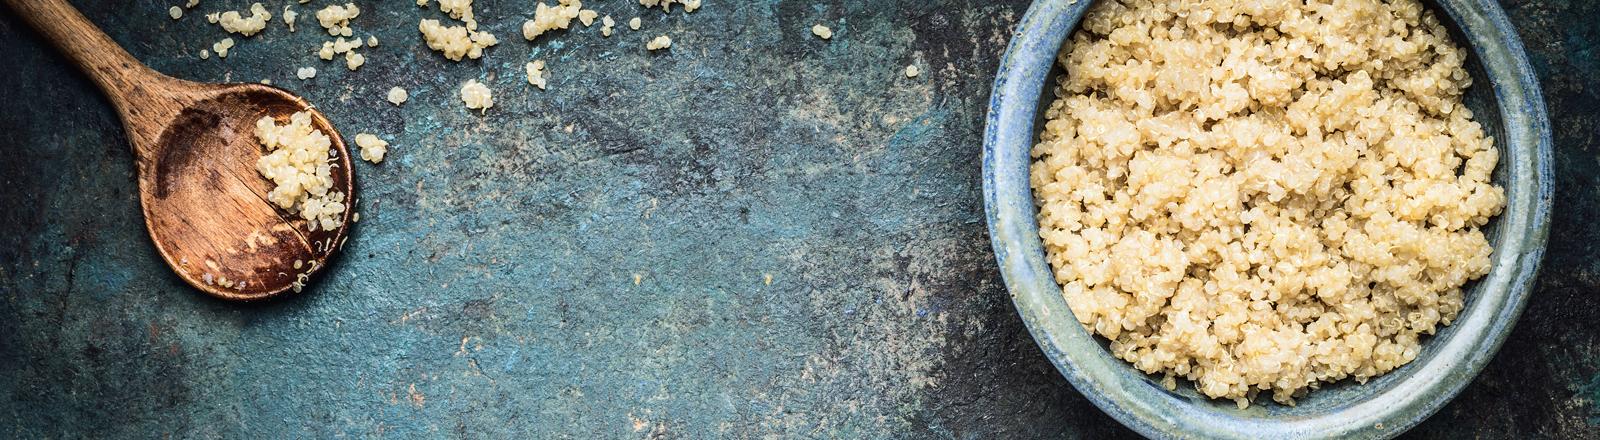 Eine Schale mit Quinoa.